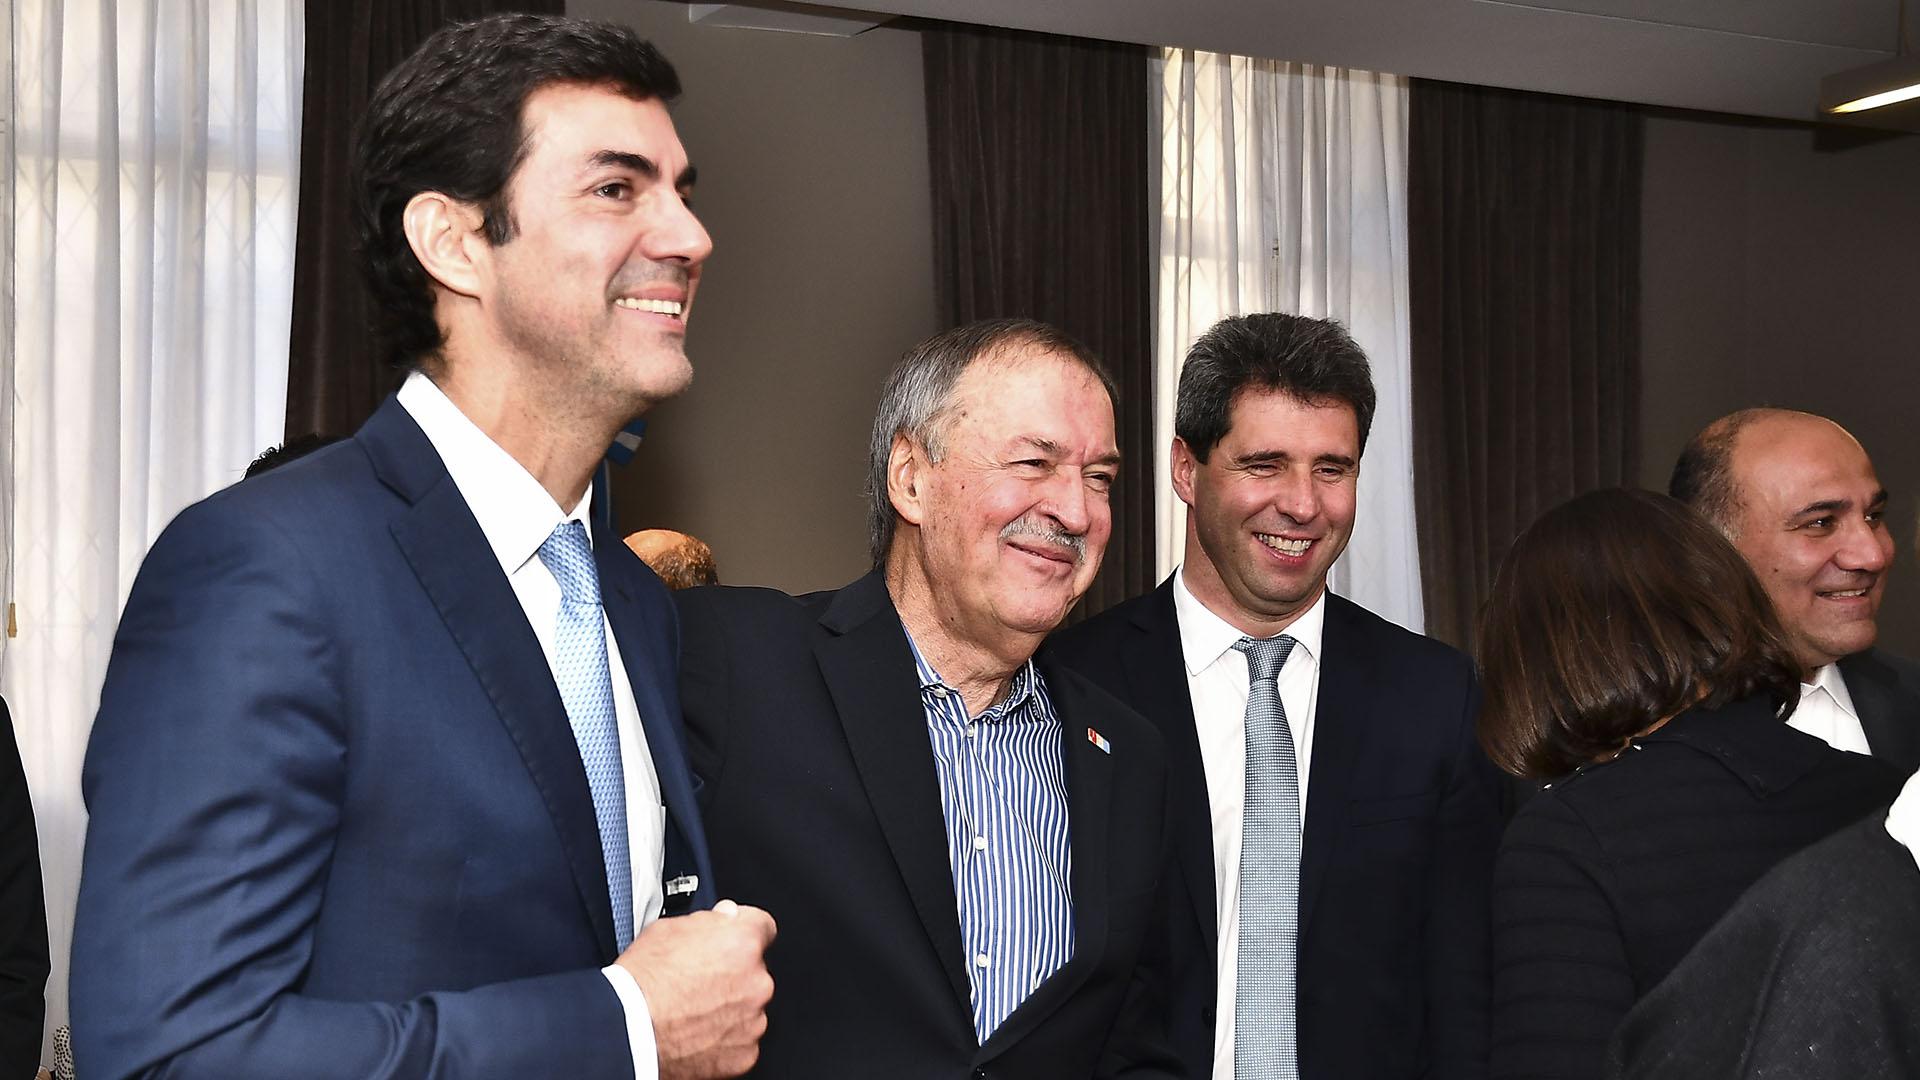 """Schiaretti con Urtubey, Uñac y Manzur. """"No soy el macho alfa del peronismo federal"""", dijo ayerel cordobés"""